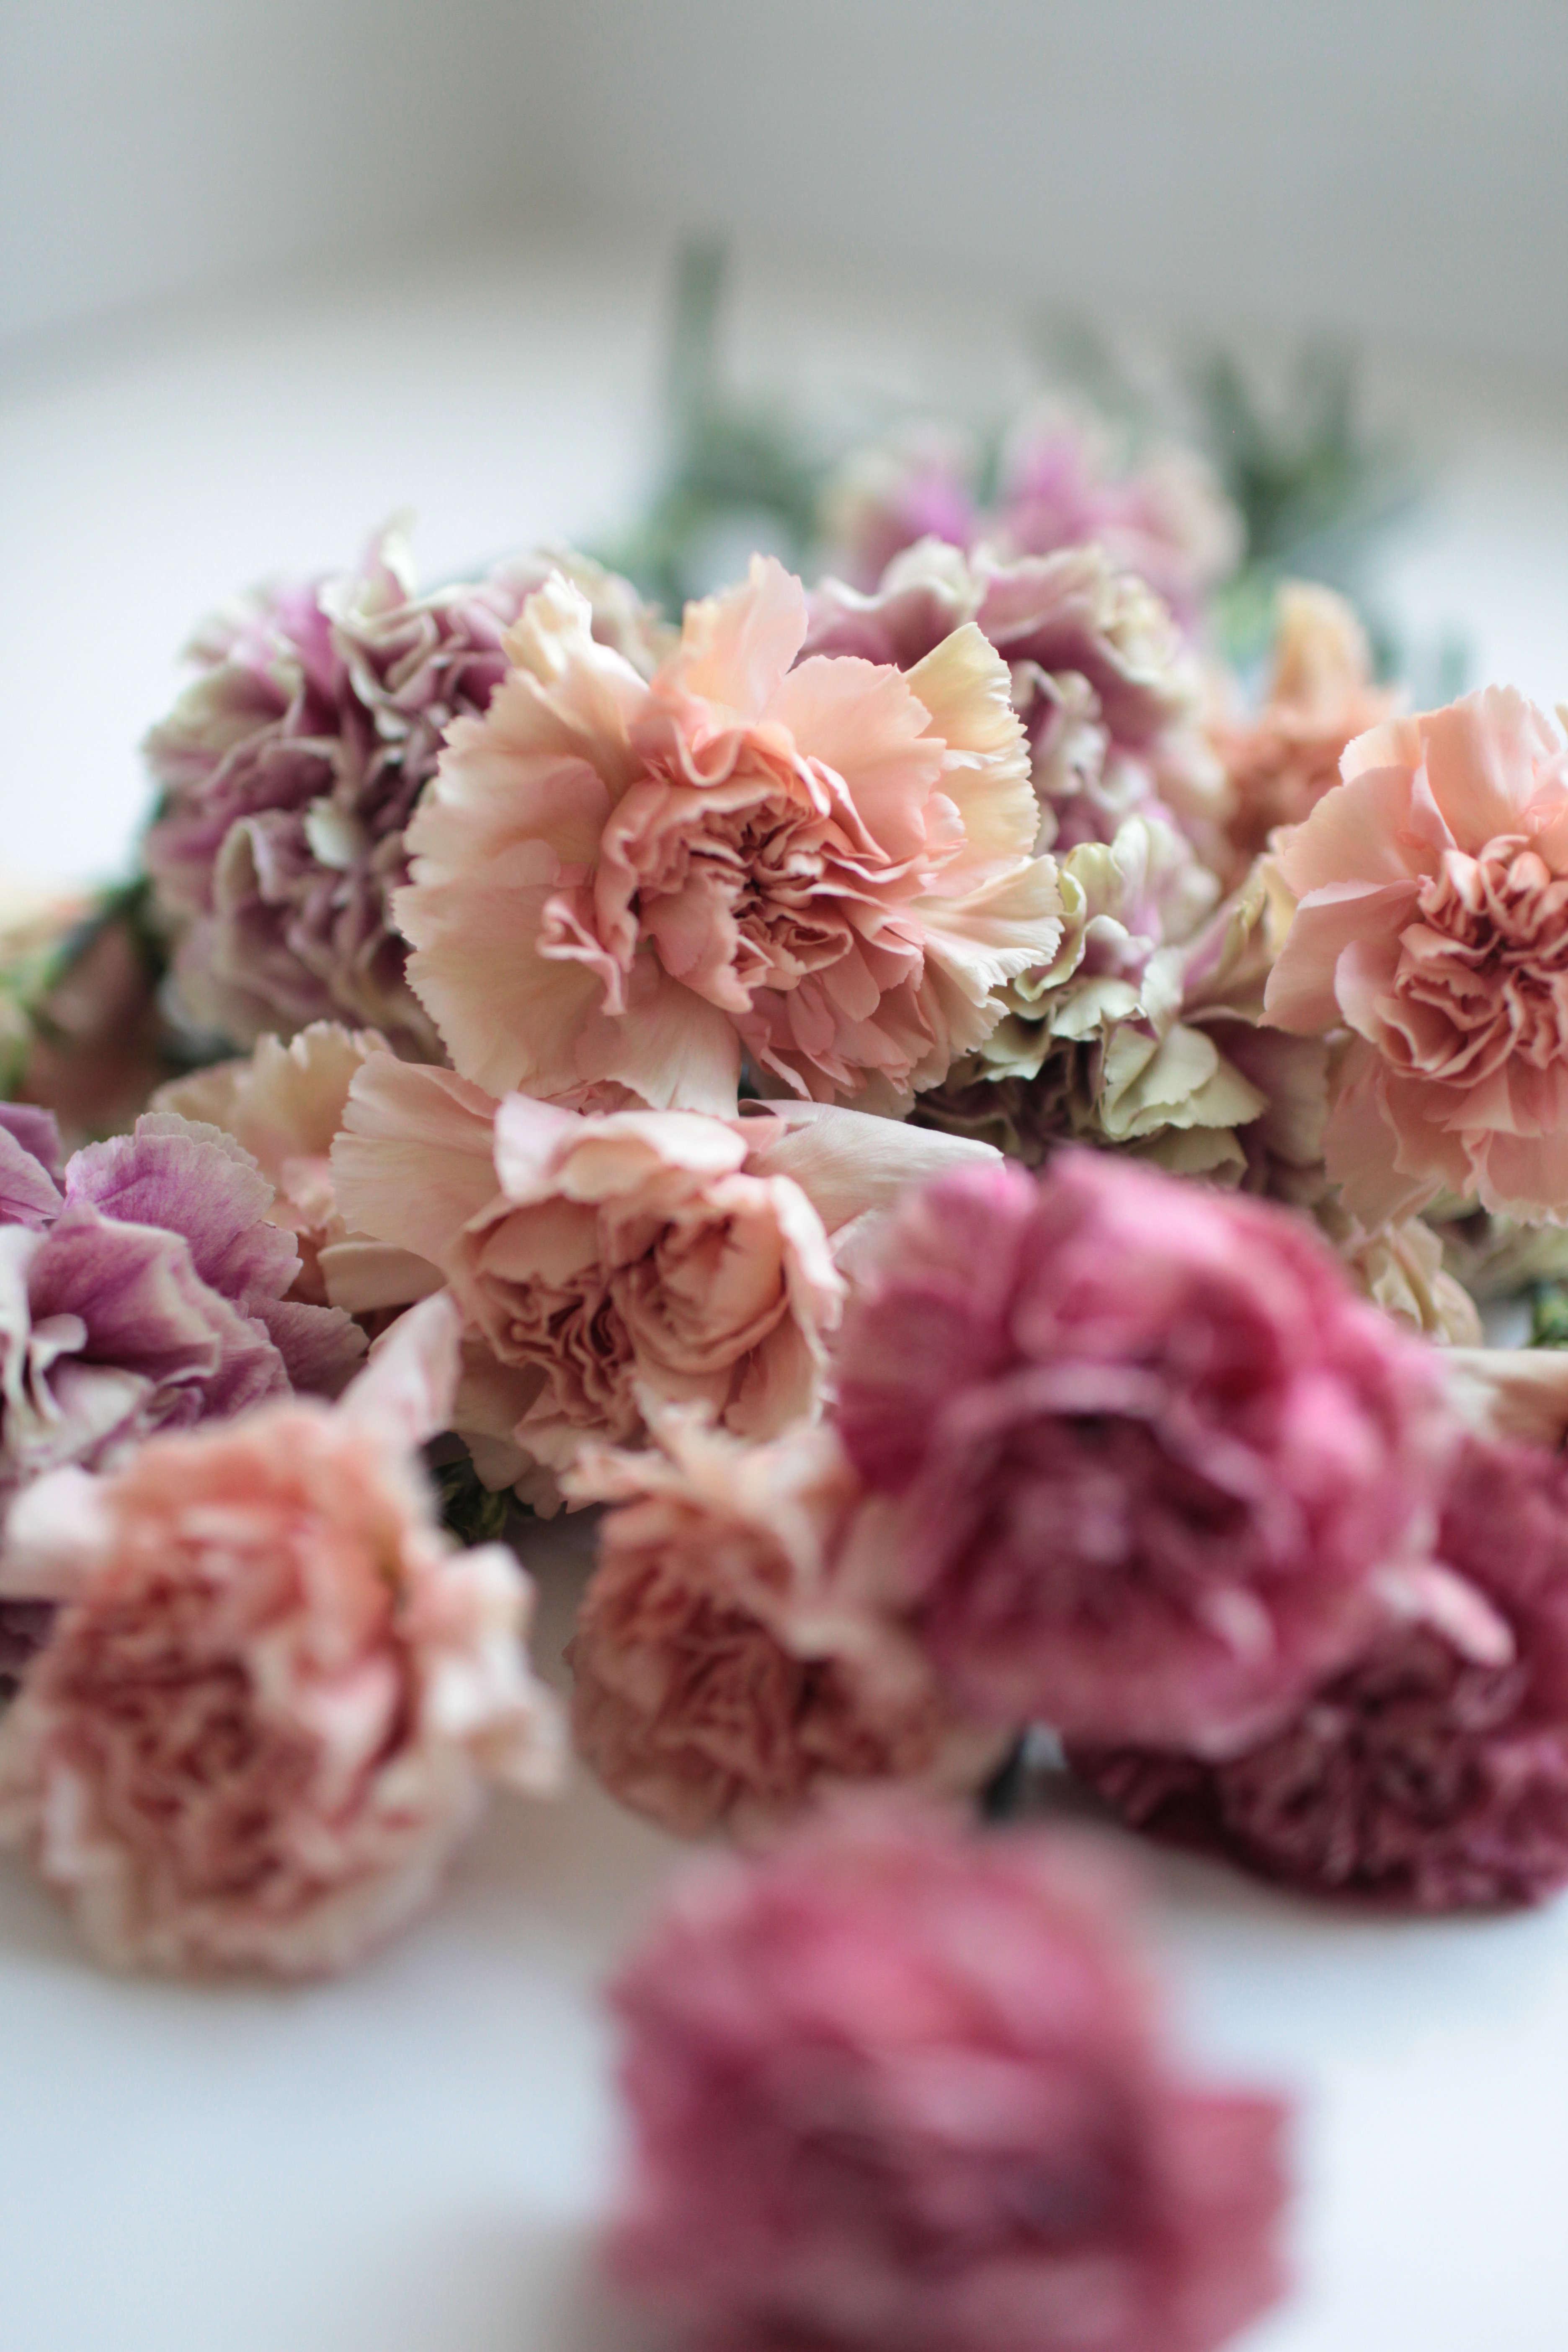 Pics Of Carnations : carnations, Carnations:, Rethinking, Supermarket, Flower, Gardenista